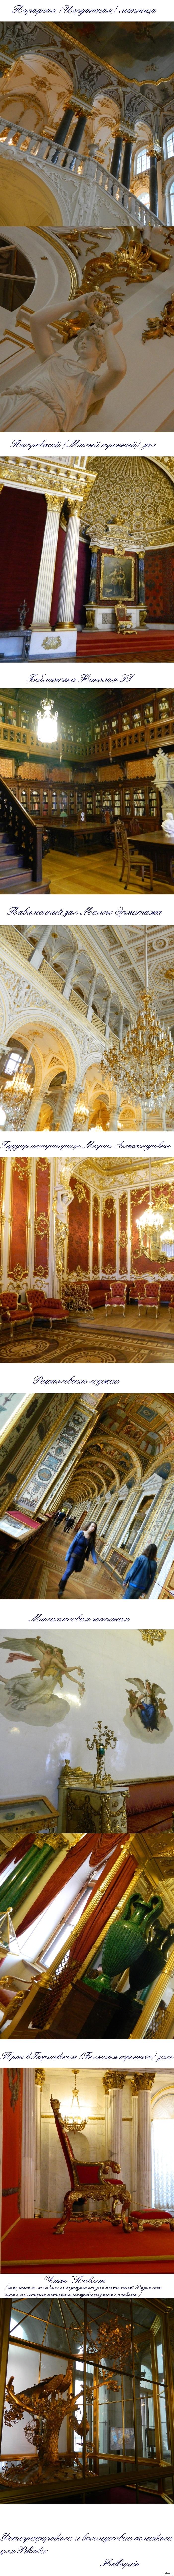 Эрмитаж Просто немного интерьеров Зимнего дворца и Малого Эрмитажа. Если понравится, могу сделать ещё и с более подробными описаниями)